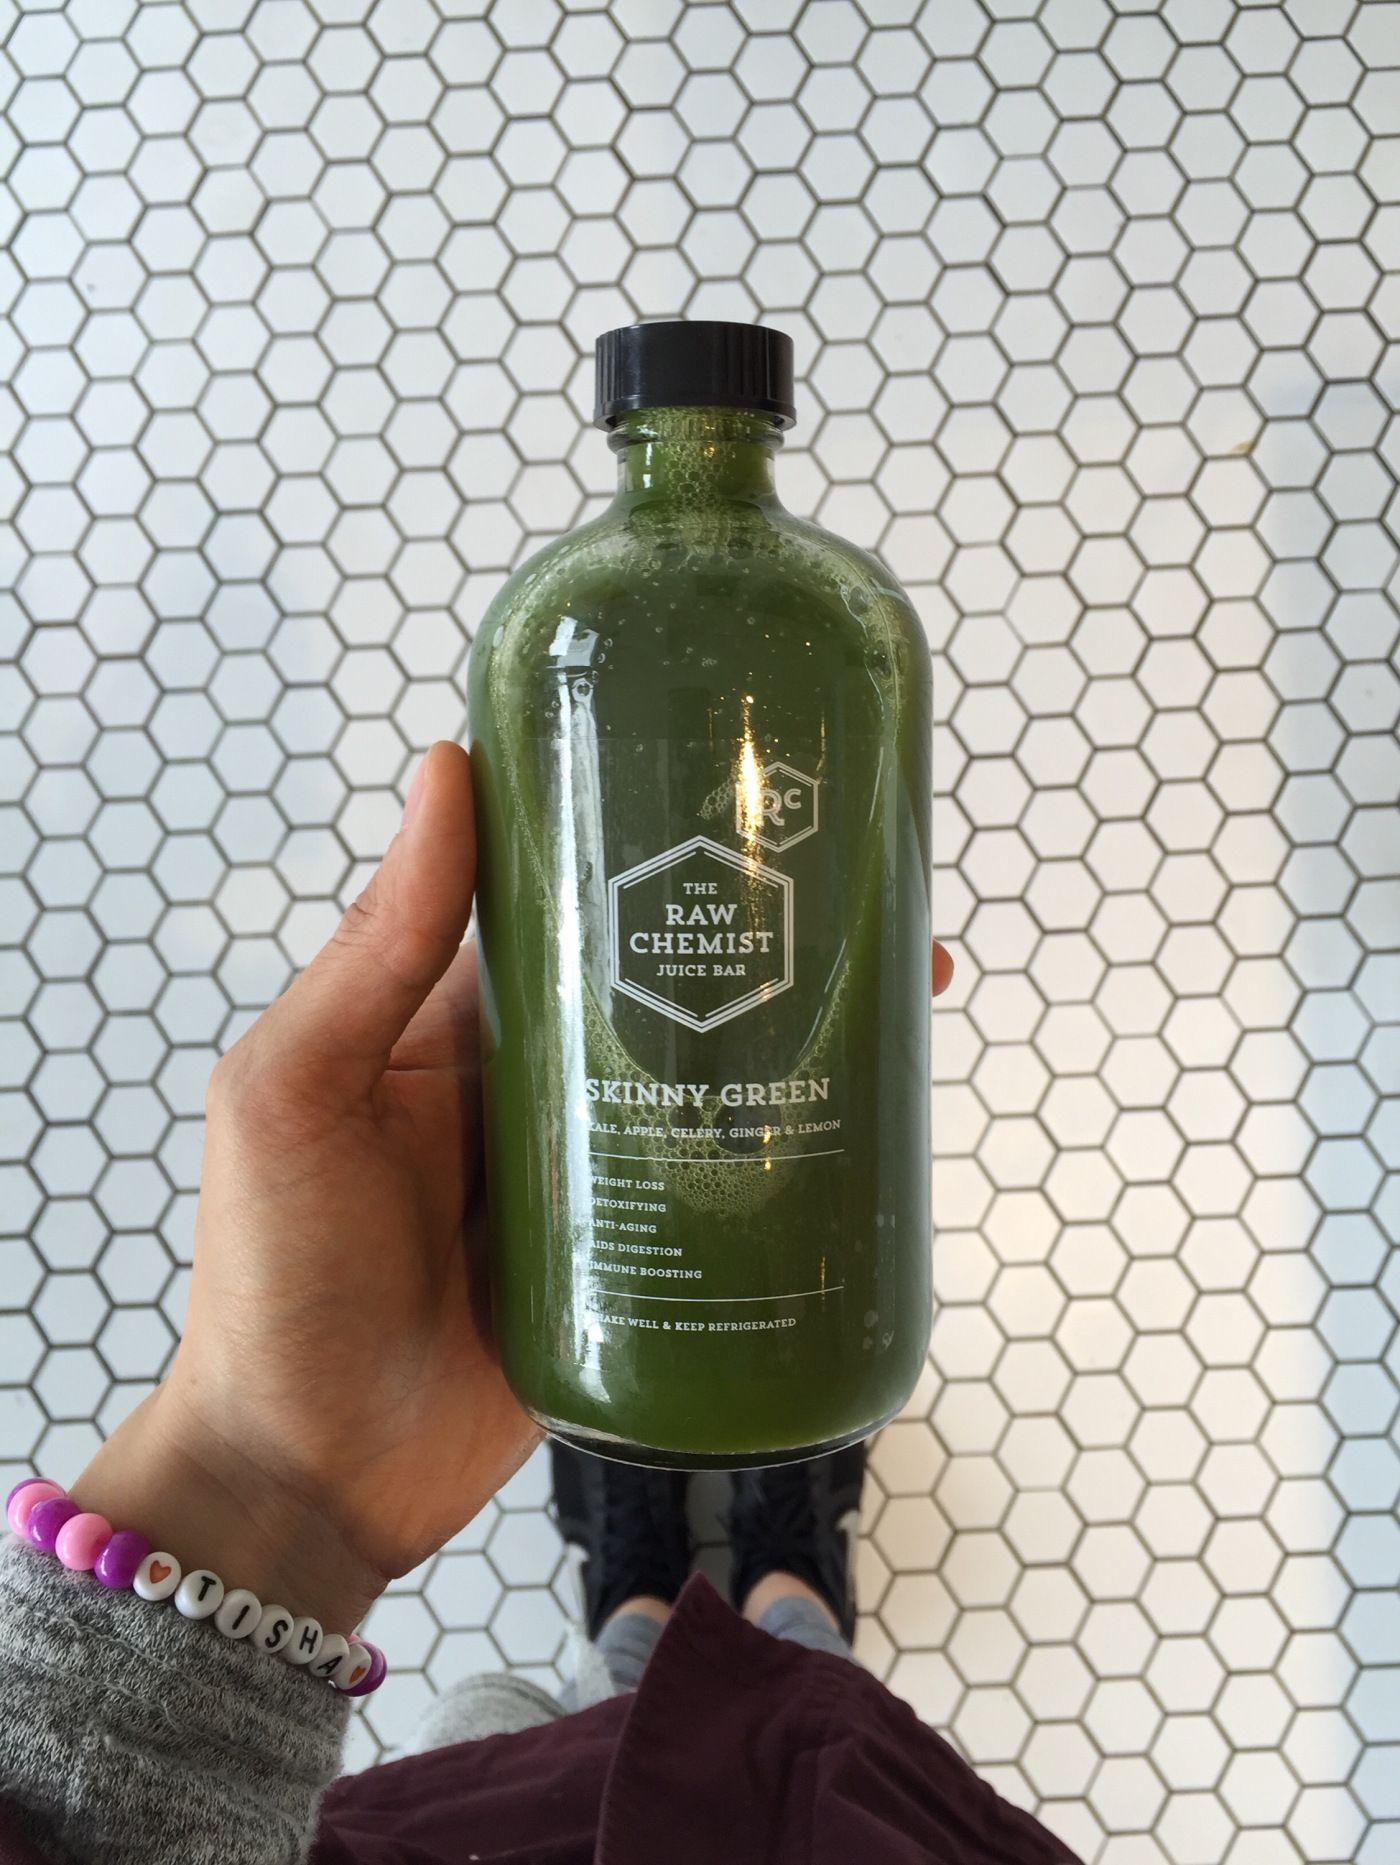 Raw chemist juice bar fromyyzandbeyond juice bar pinterest raw chemist juice bar fromyyzandbeyond malvernweather Images